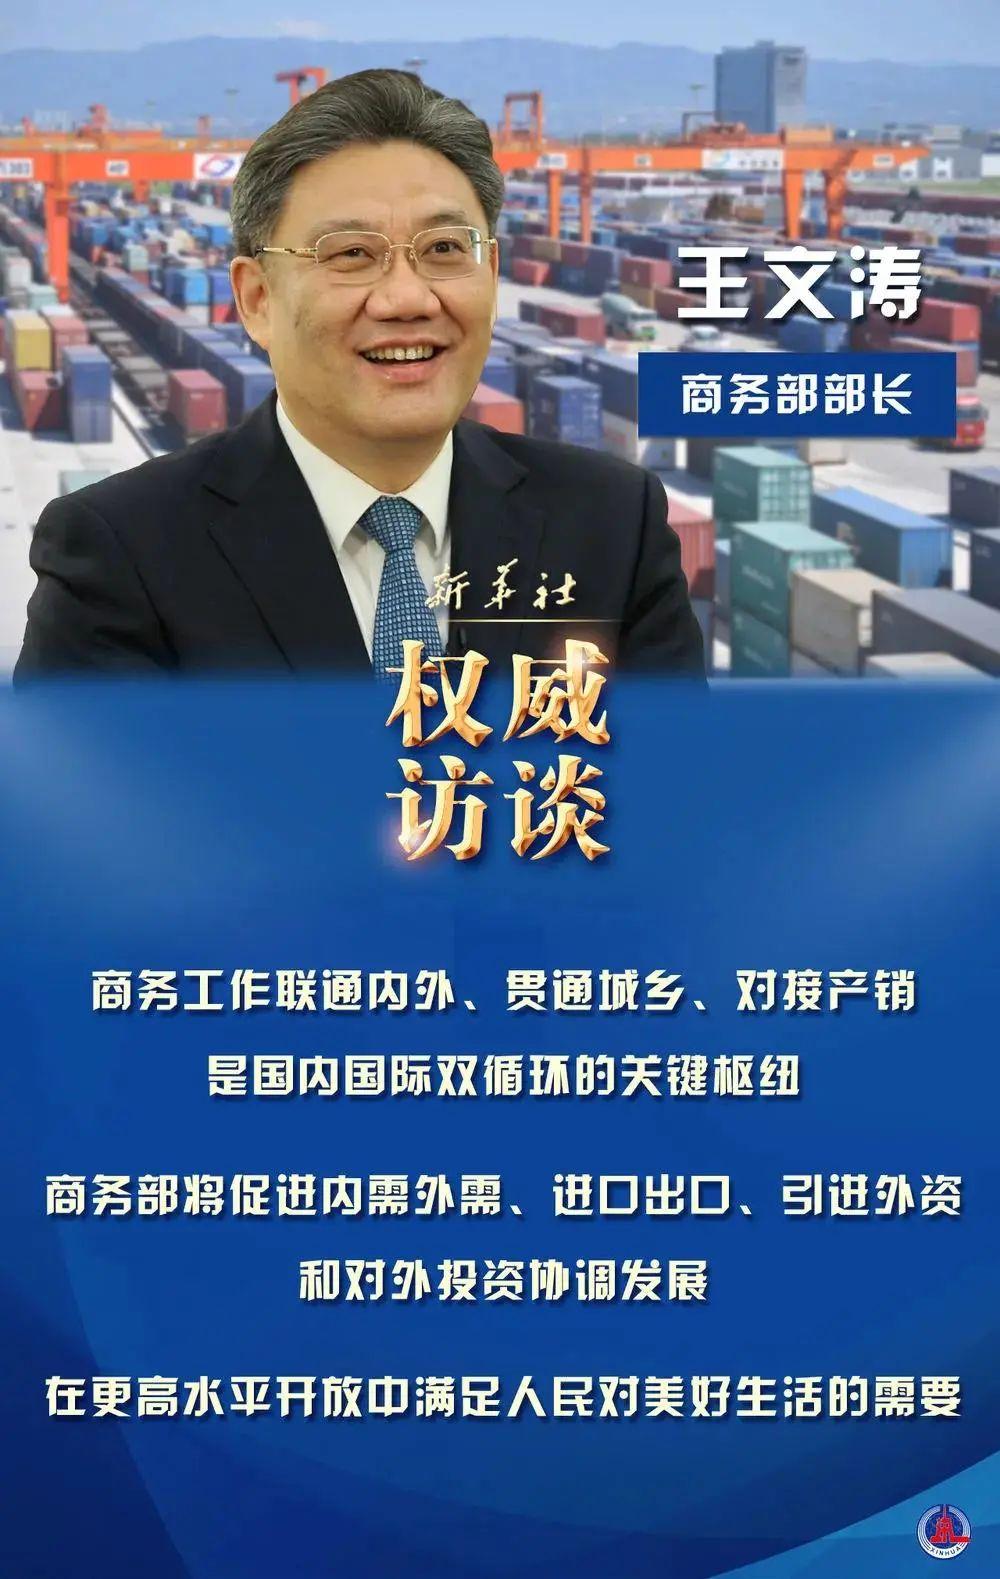 迈好第一步,见到新气象 商务部部长王文涛谈2021年商务工作发力点